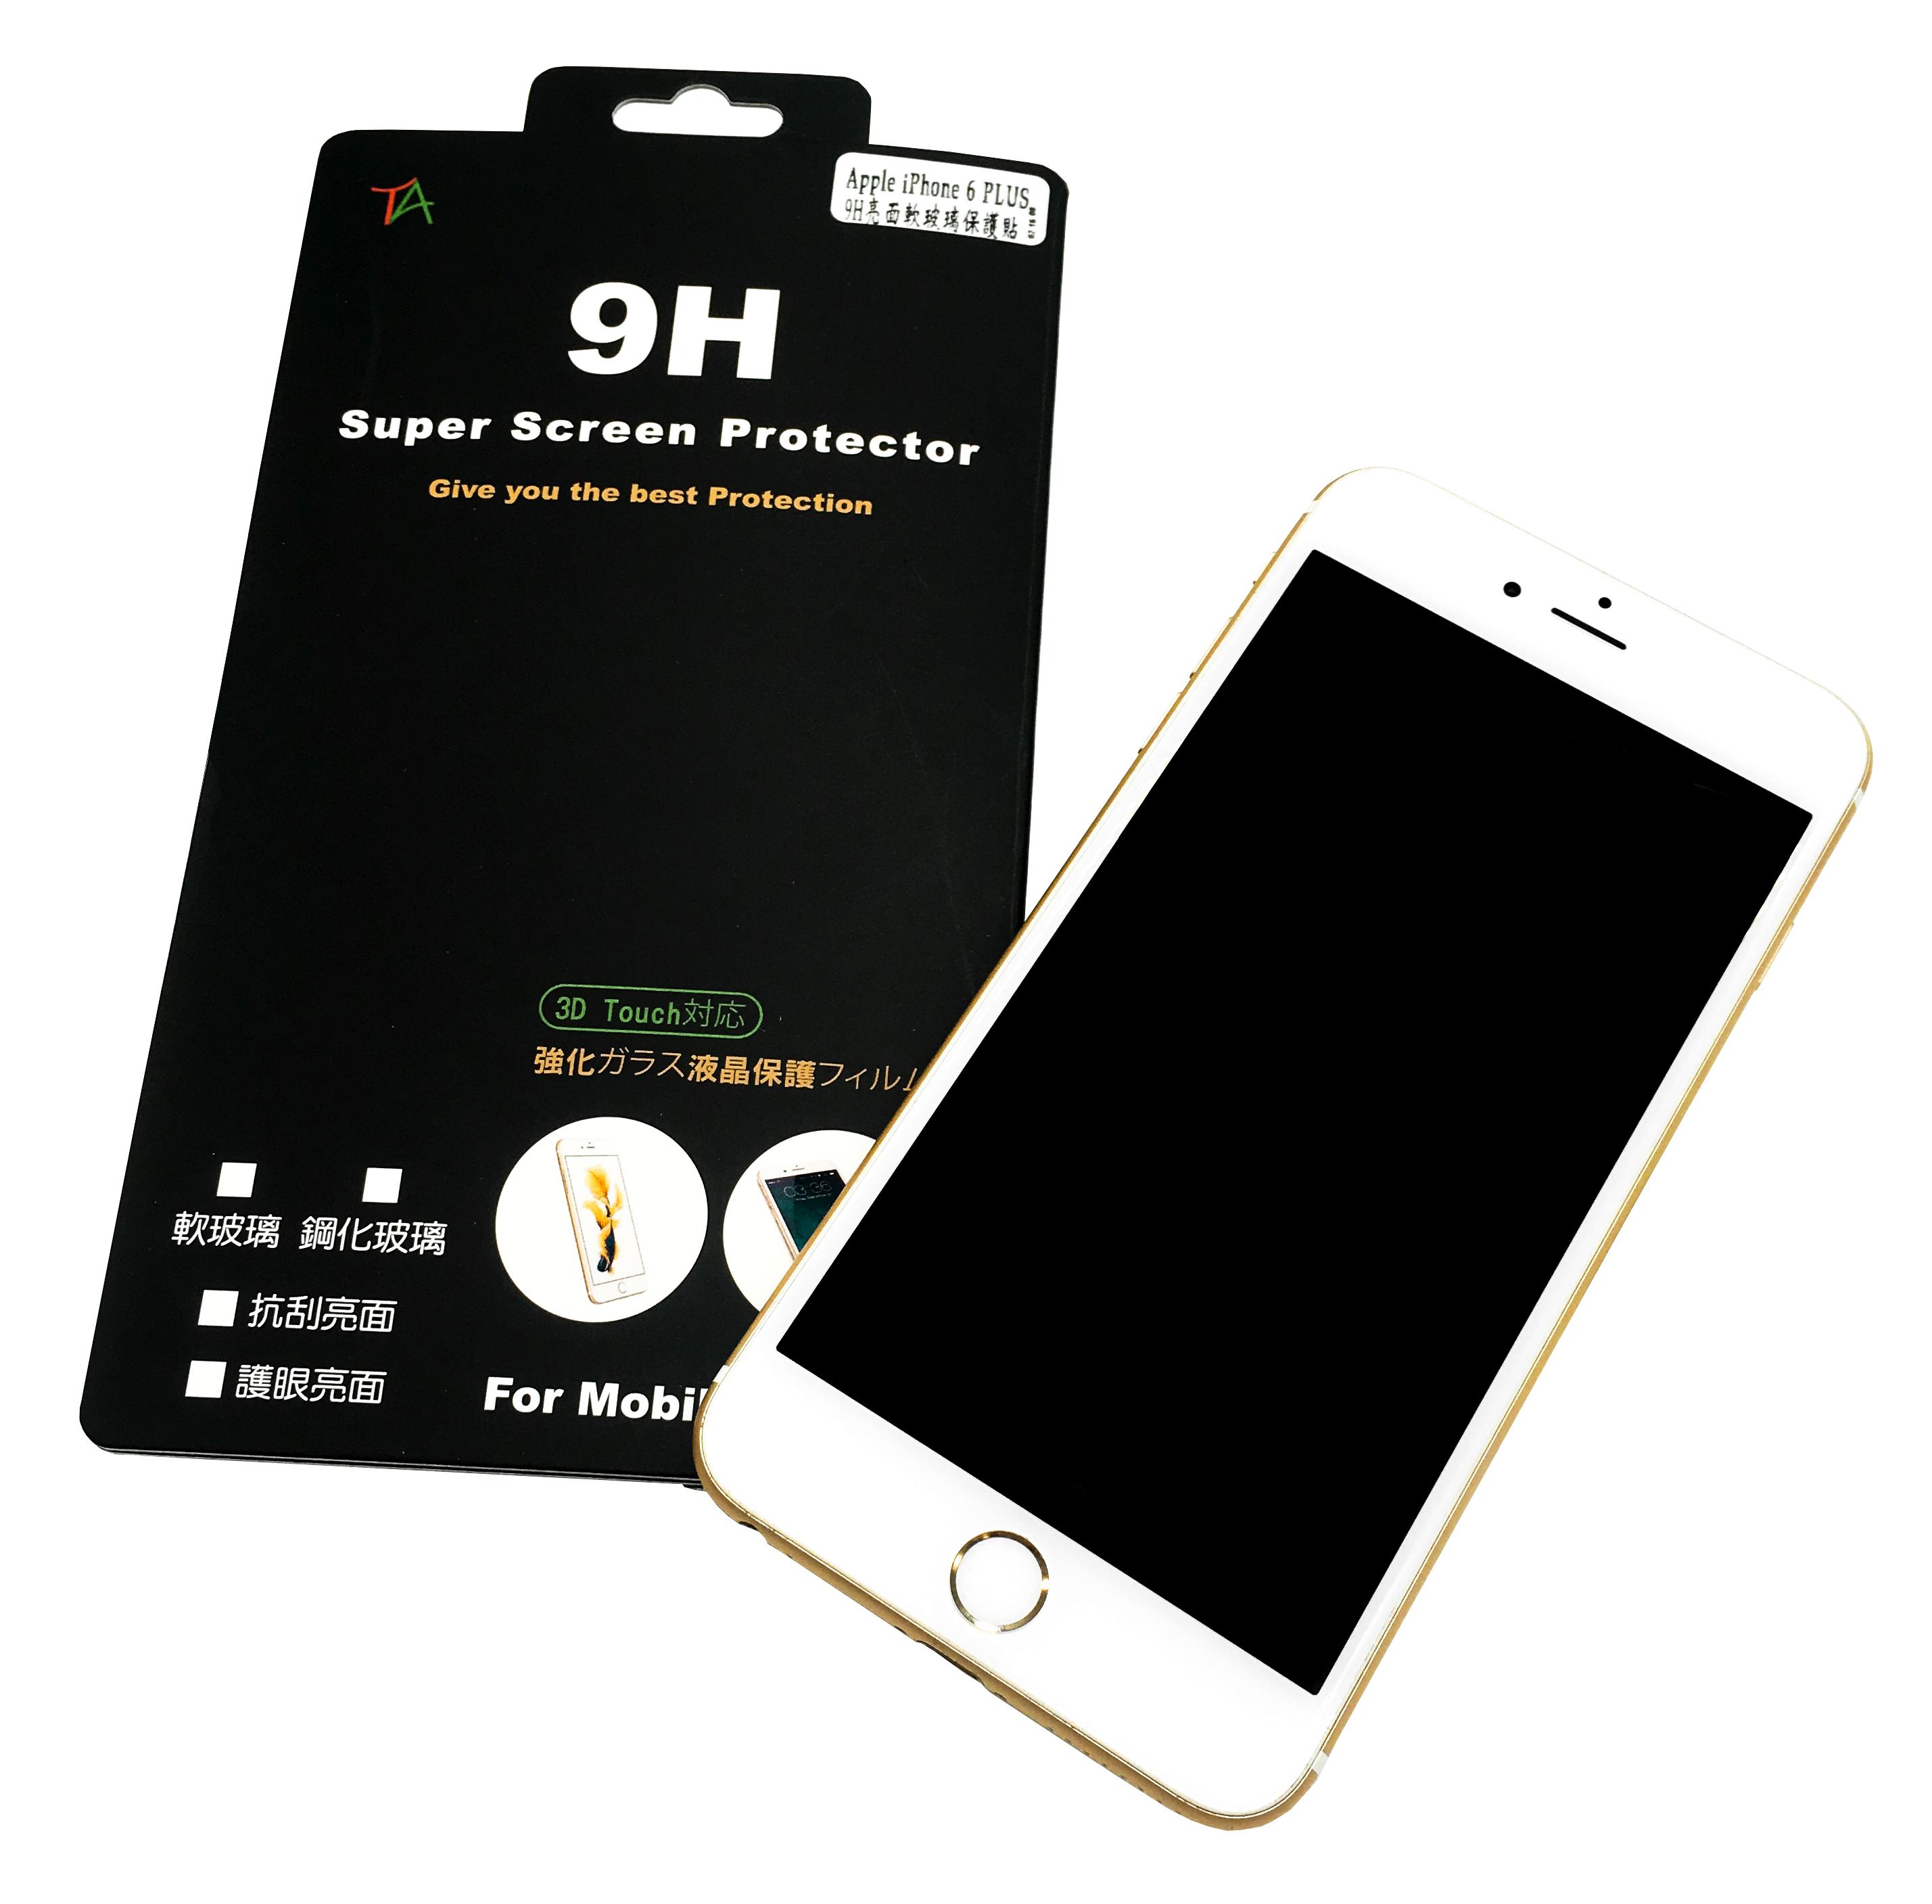 德誼推出 iPhone6 系列螢幕損壞更換服務,面板費用至多降 7,700 元